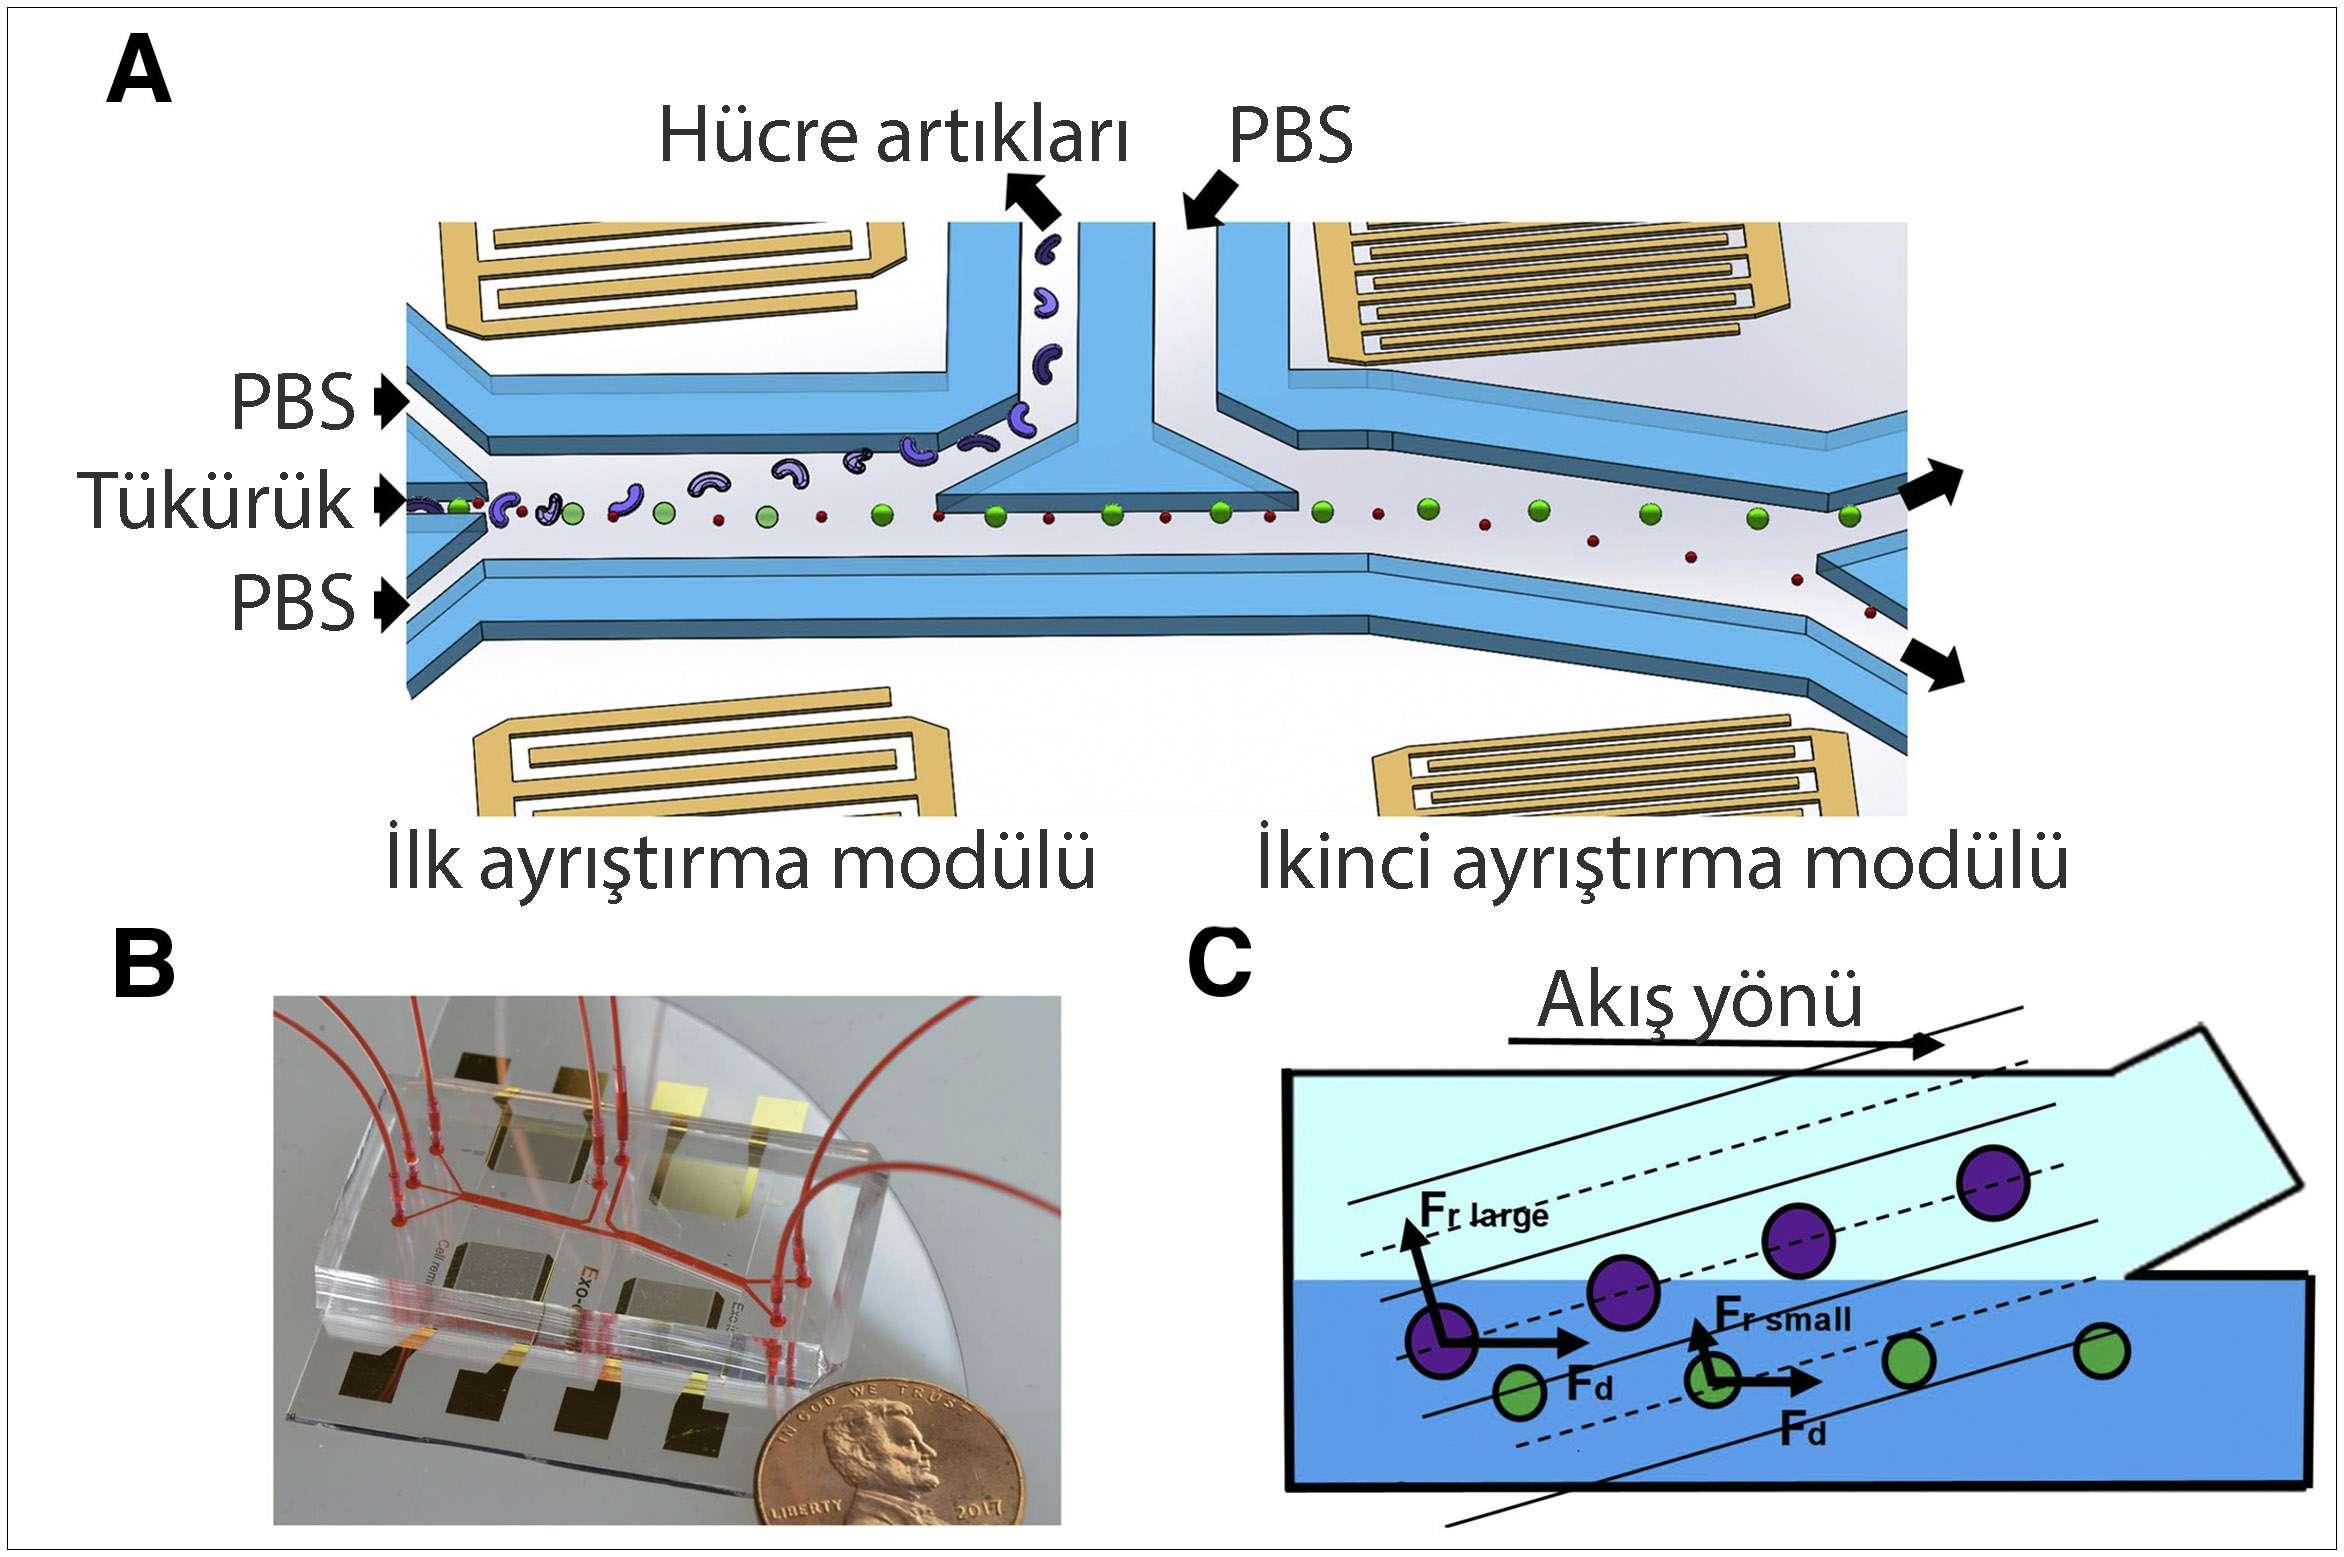 akustofluidik teknik ile hpv tanısı şematik ve mekanizma